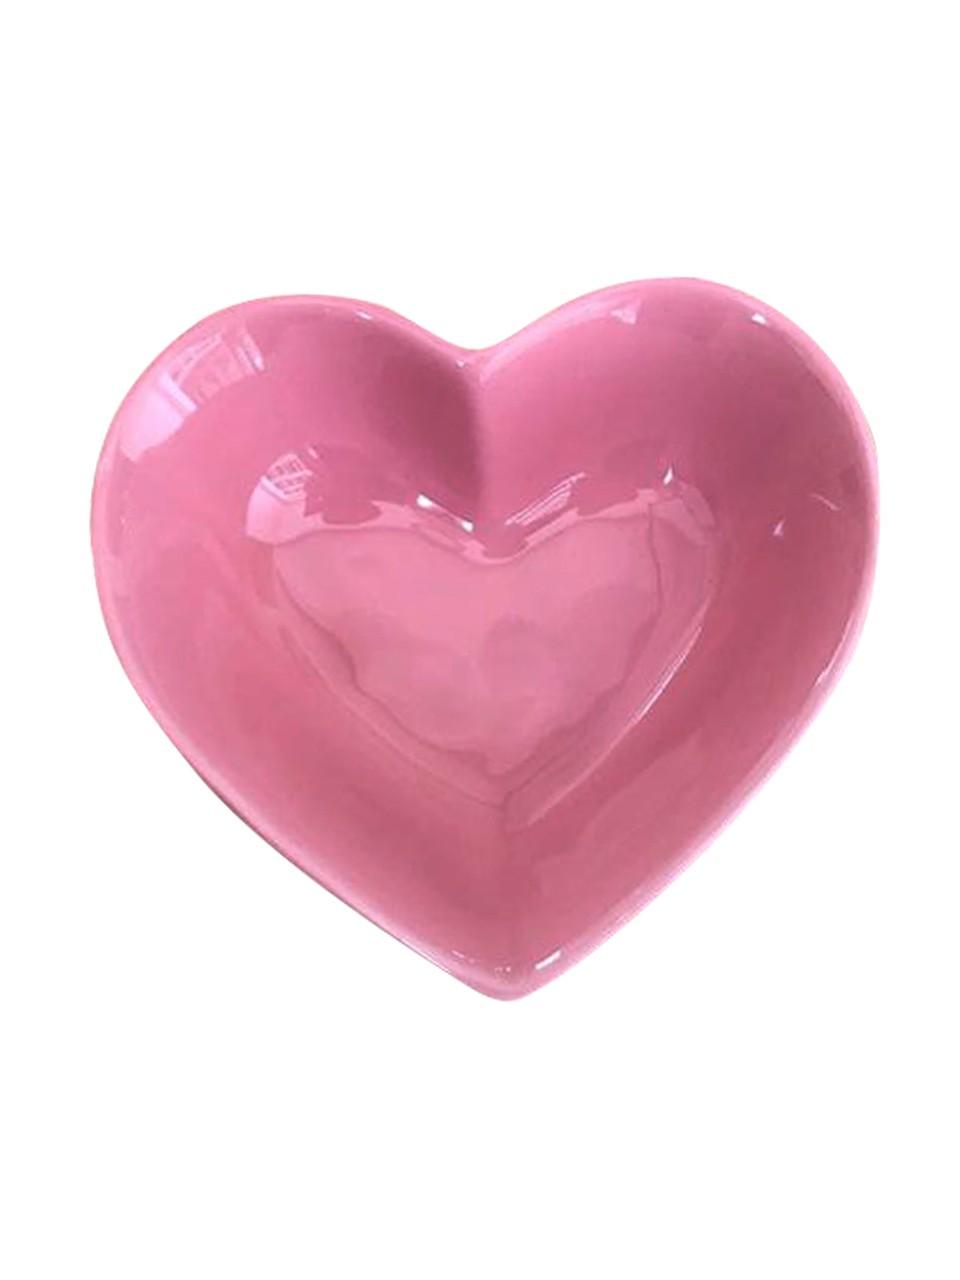 Pote fundo cerâmica formato coração rosa 150ml import. - Cód OC418